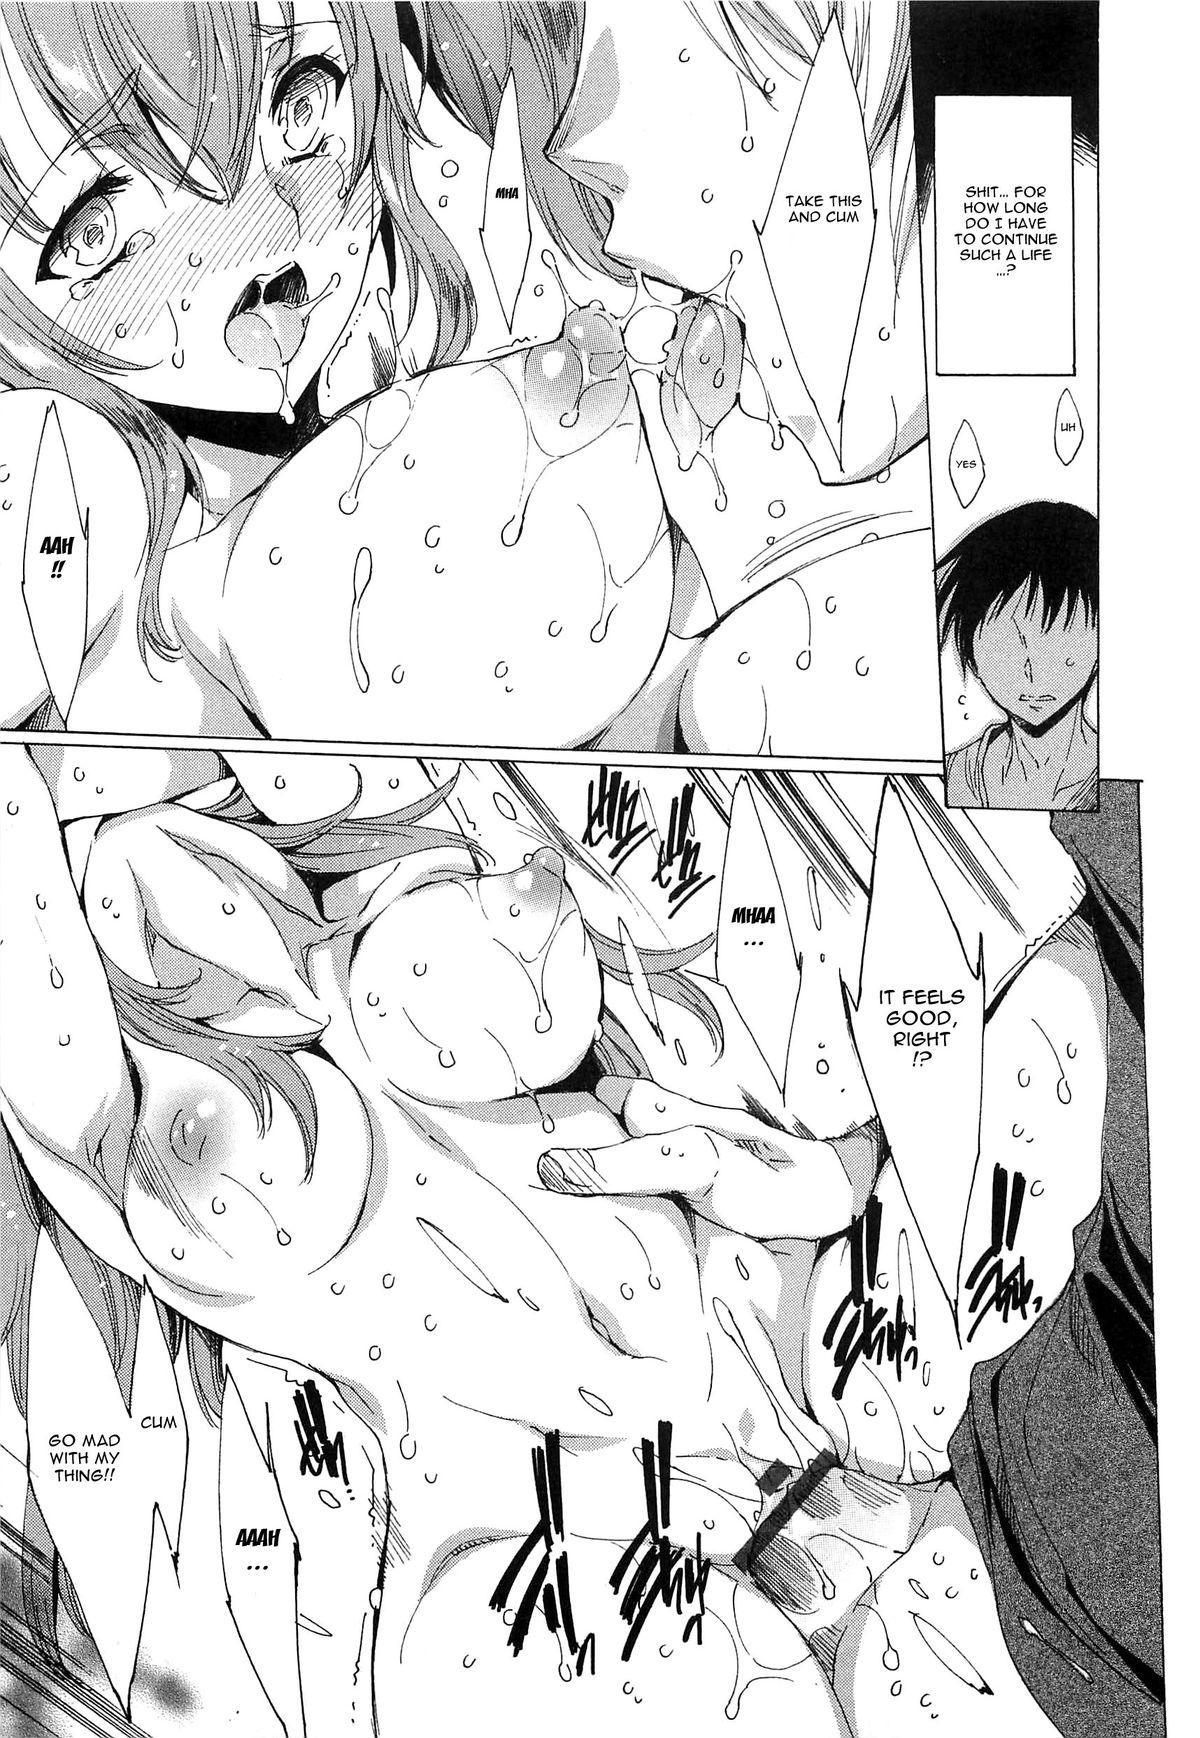 [Yuiga Naoha] Nikuyoku Rensa - NTR Kanojo   Chains of Lust - NTR Girlfriend [English] {doujin-moe.us} 8